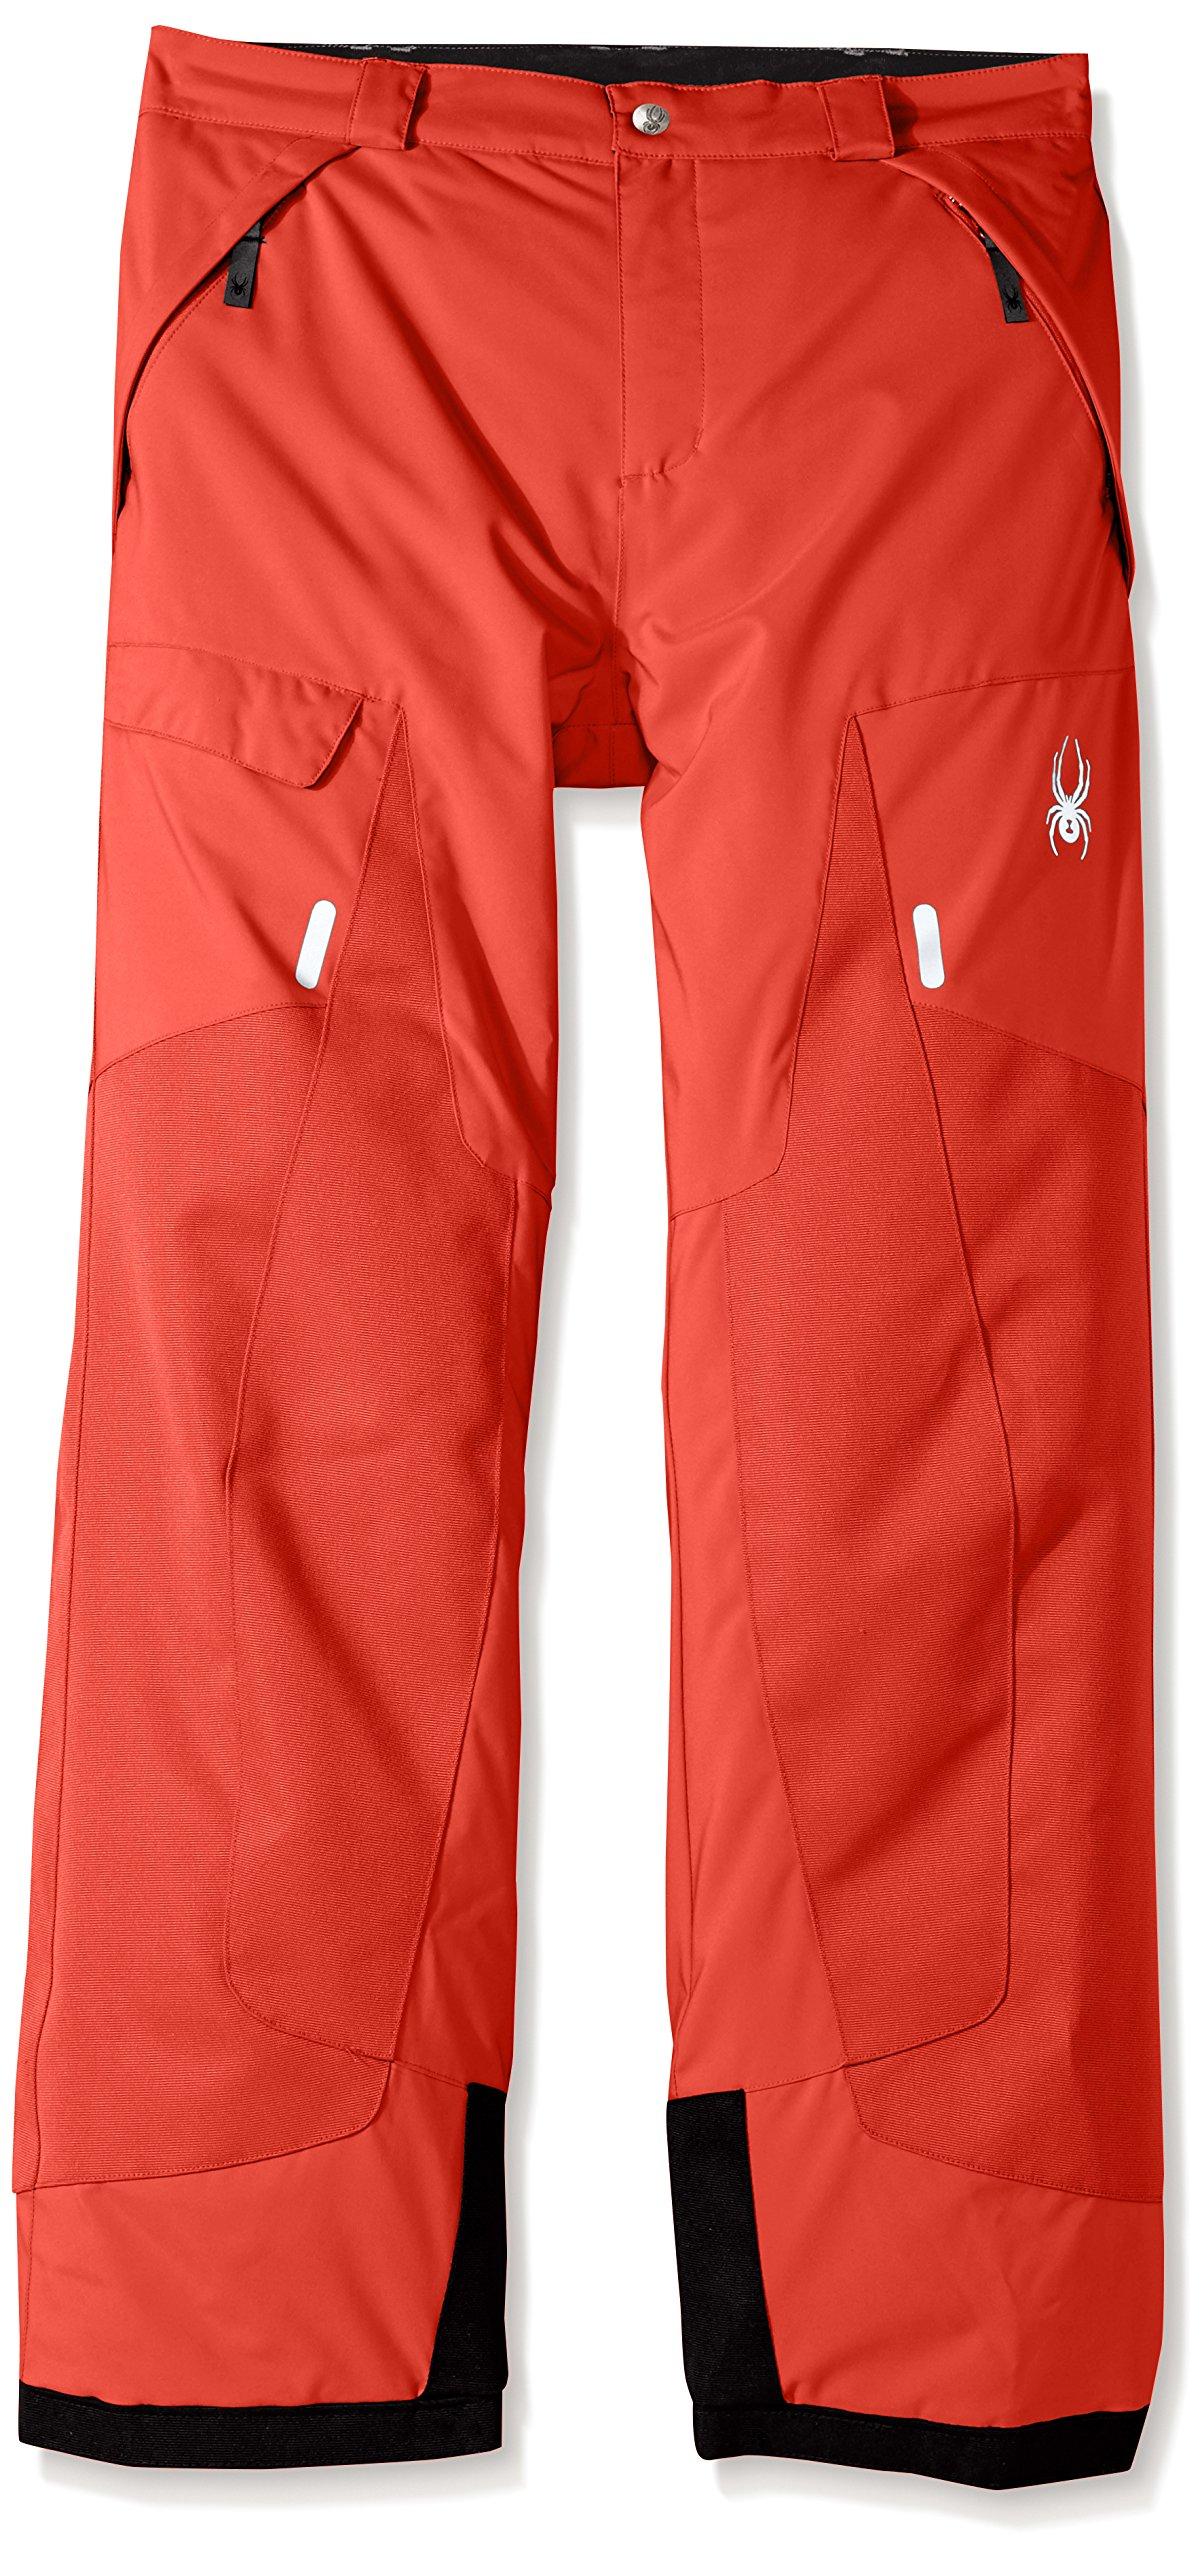 Spyder Boy's Action Ski Pant, Burst, Size 14